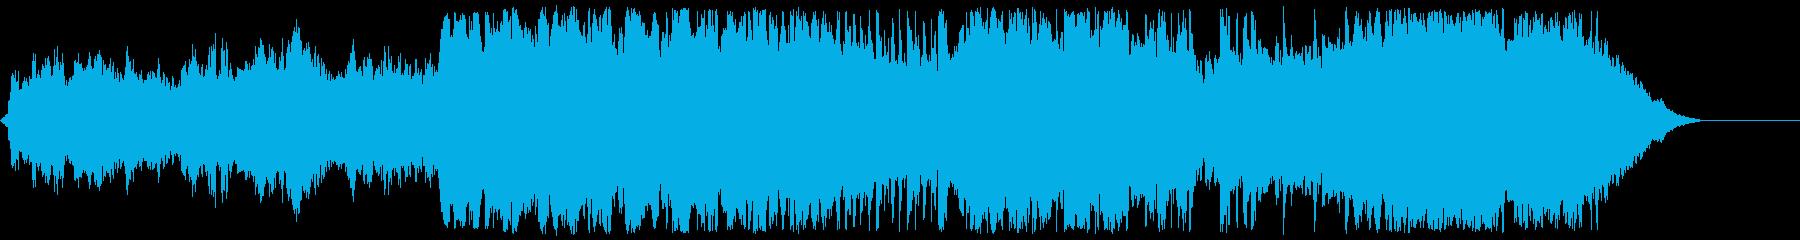 オーケストラ映画のサウンドトラック...の再生済みの波形